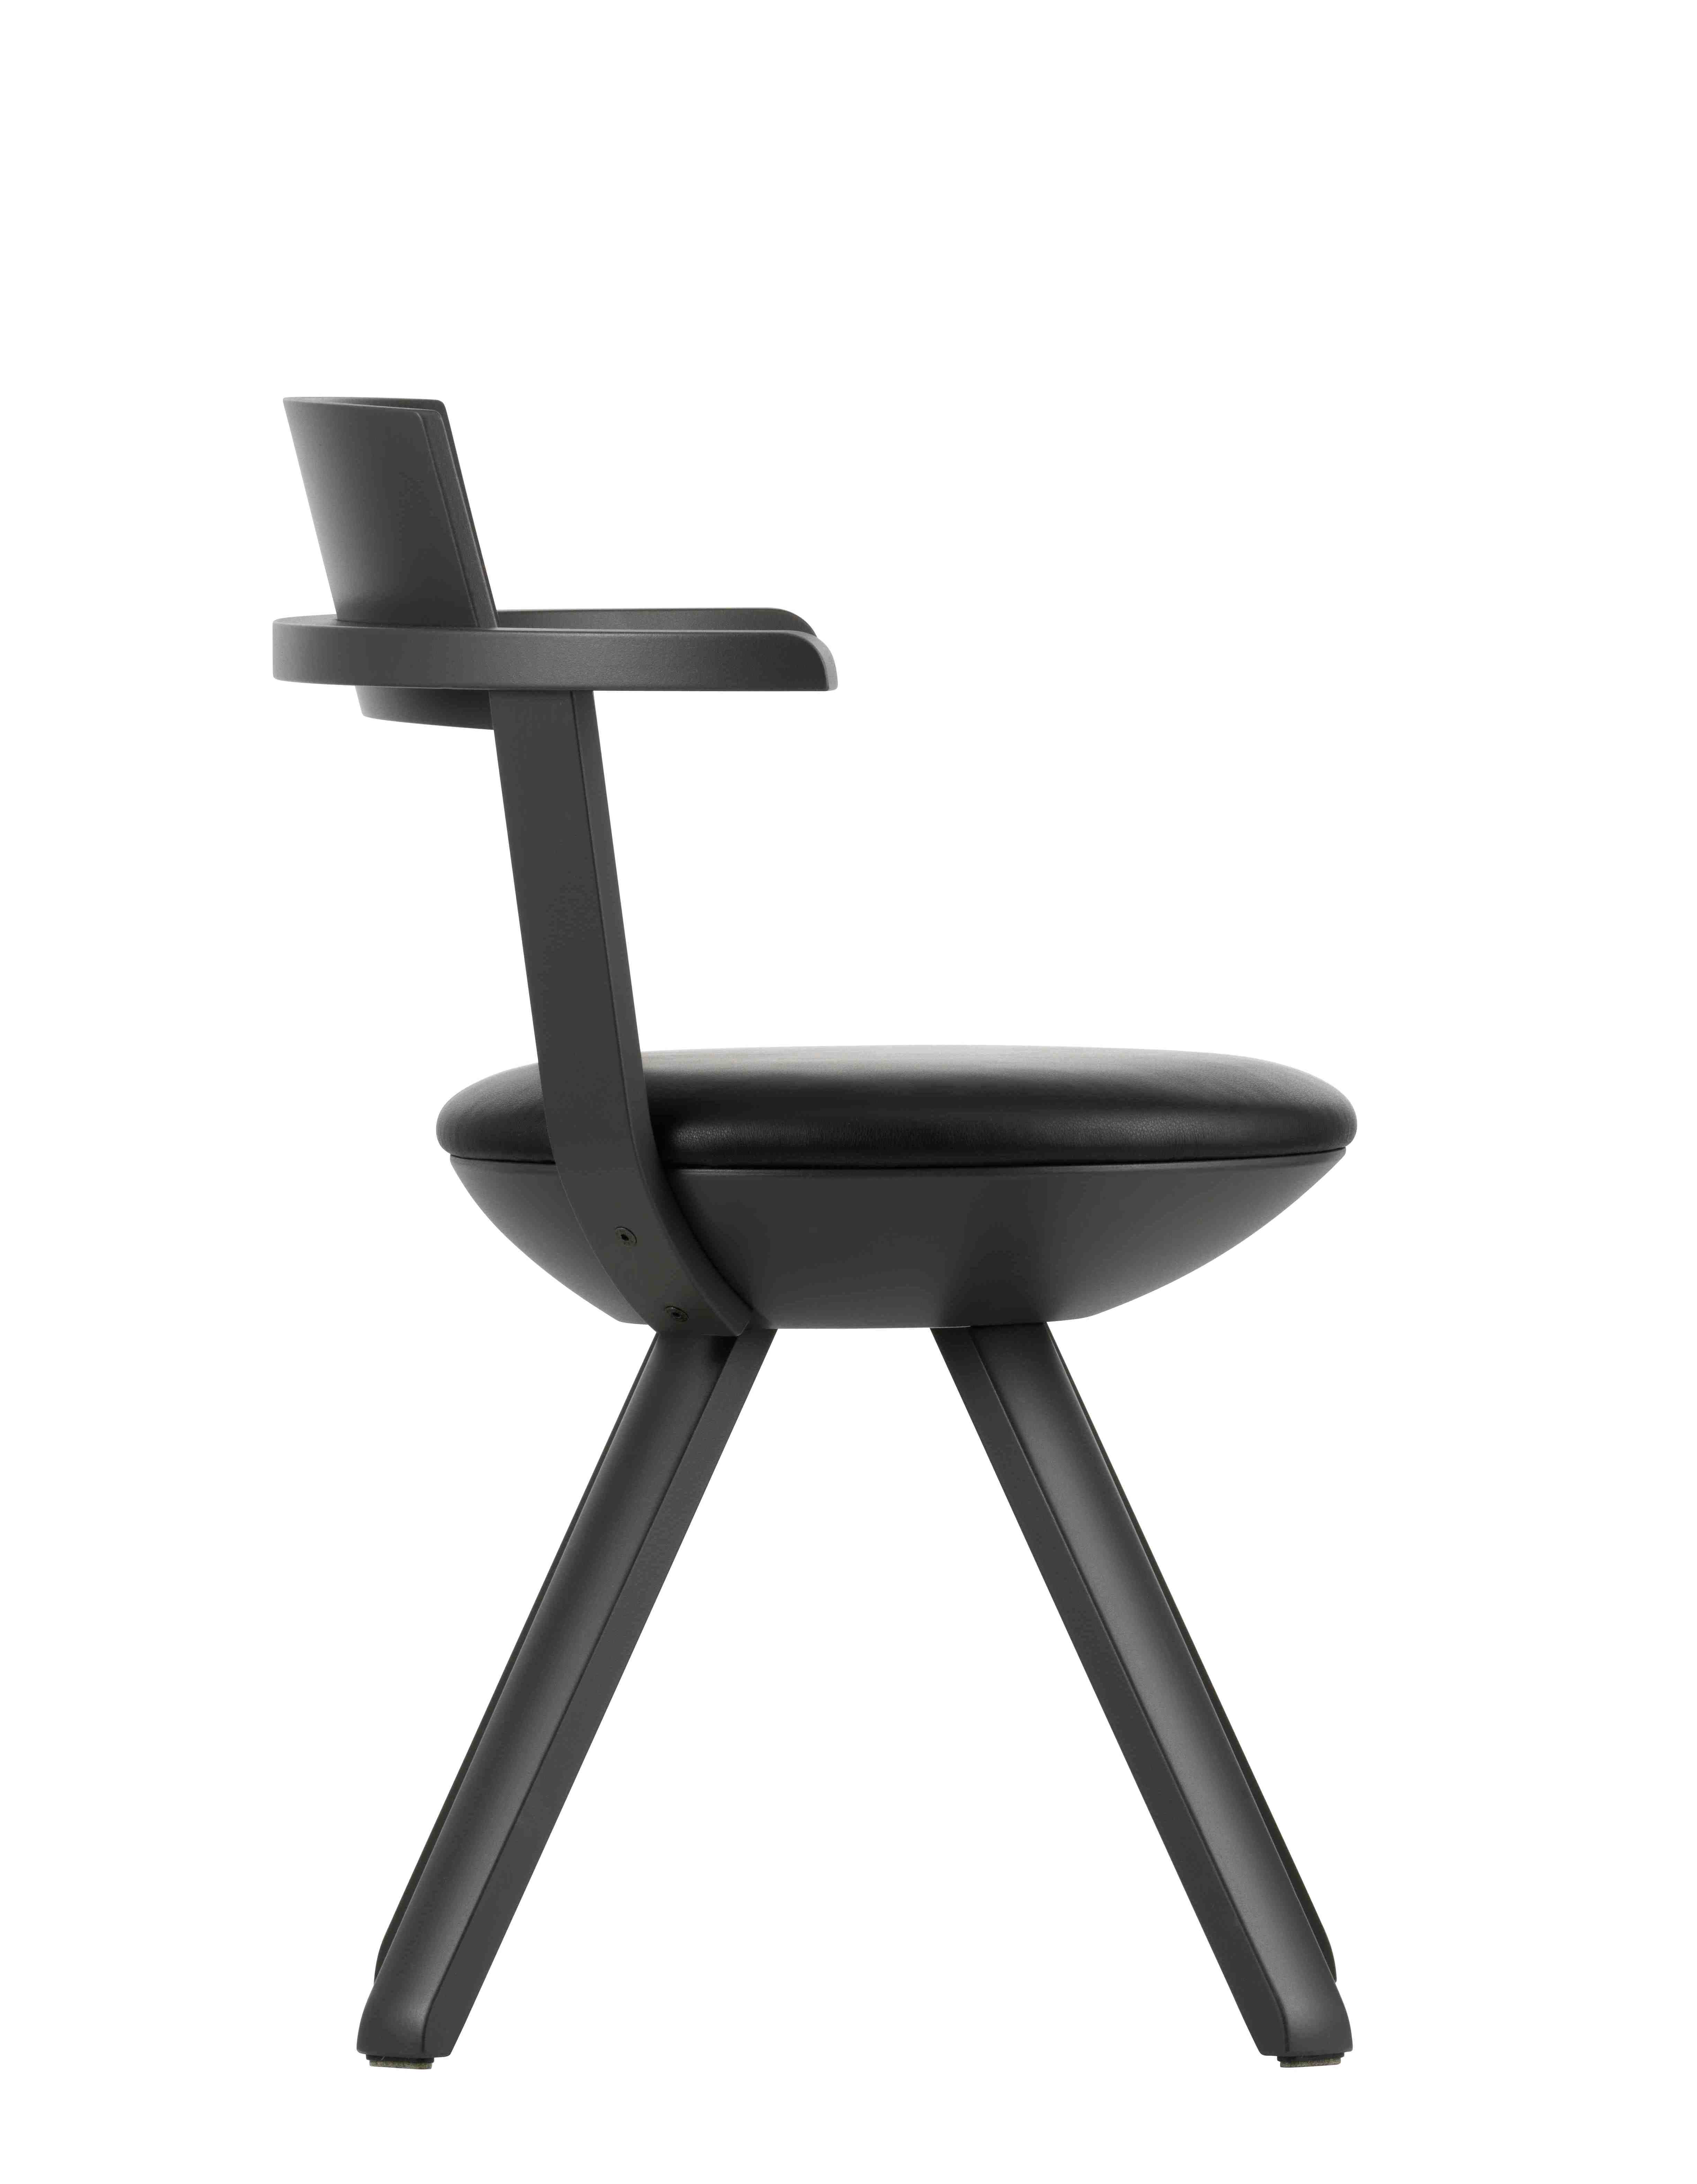 rival chair artek konstantin grcic klat. Black Bedroom Furniture Sets. Home Design Ideas